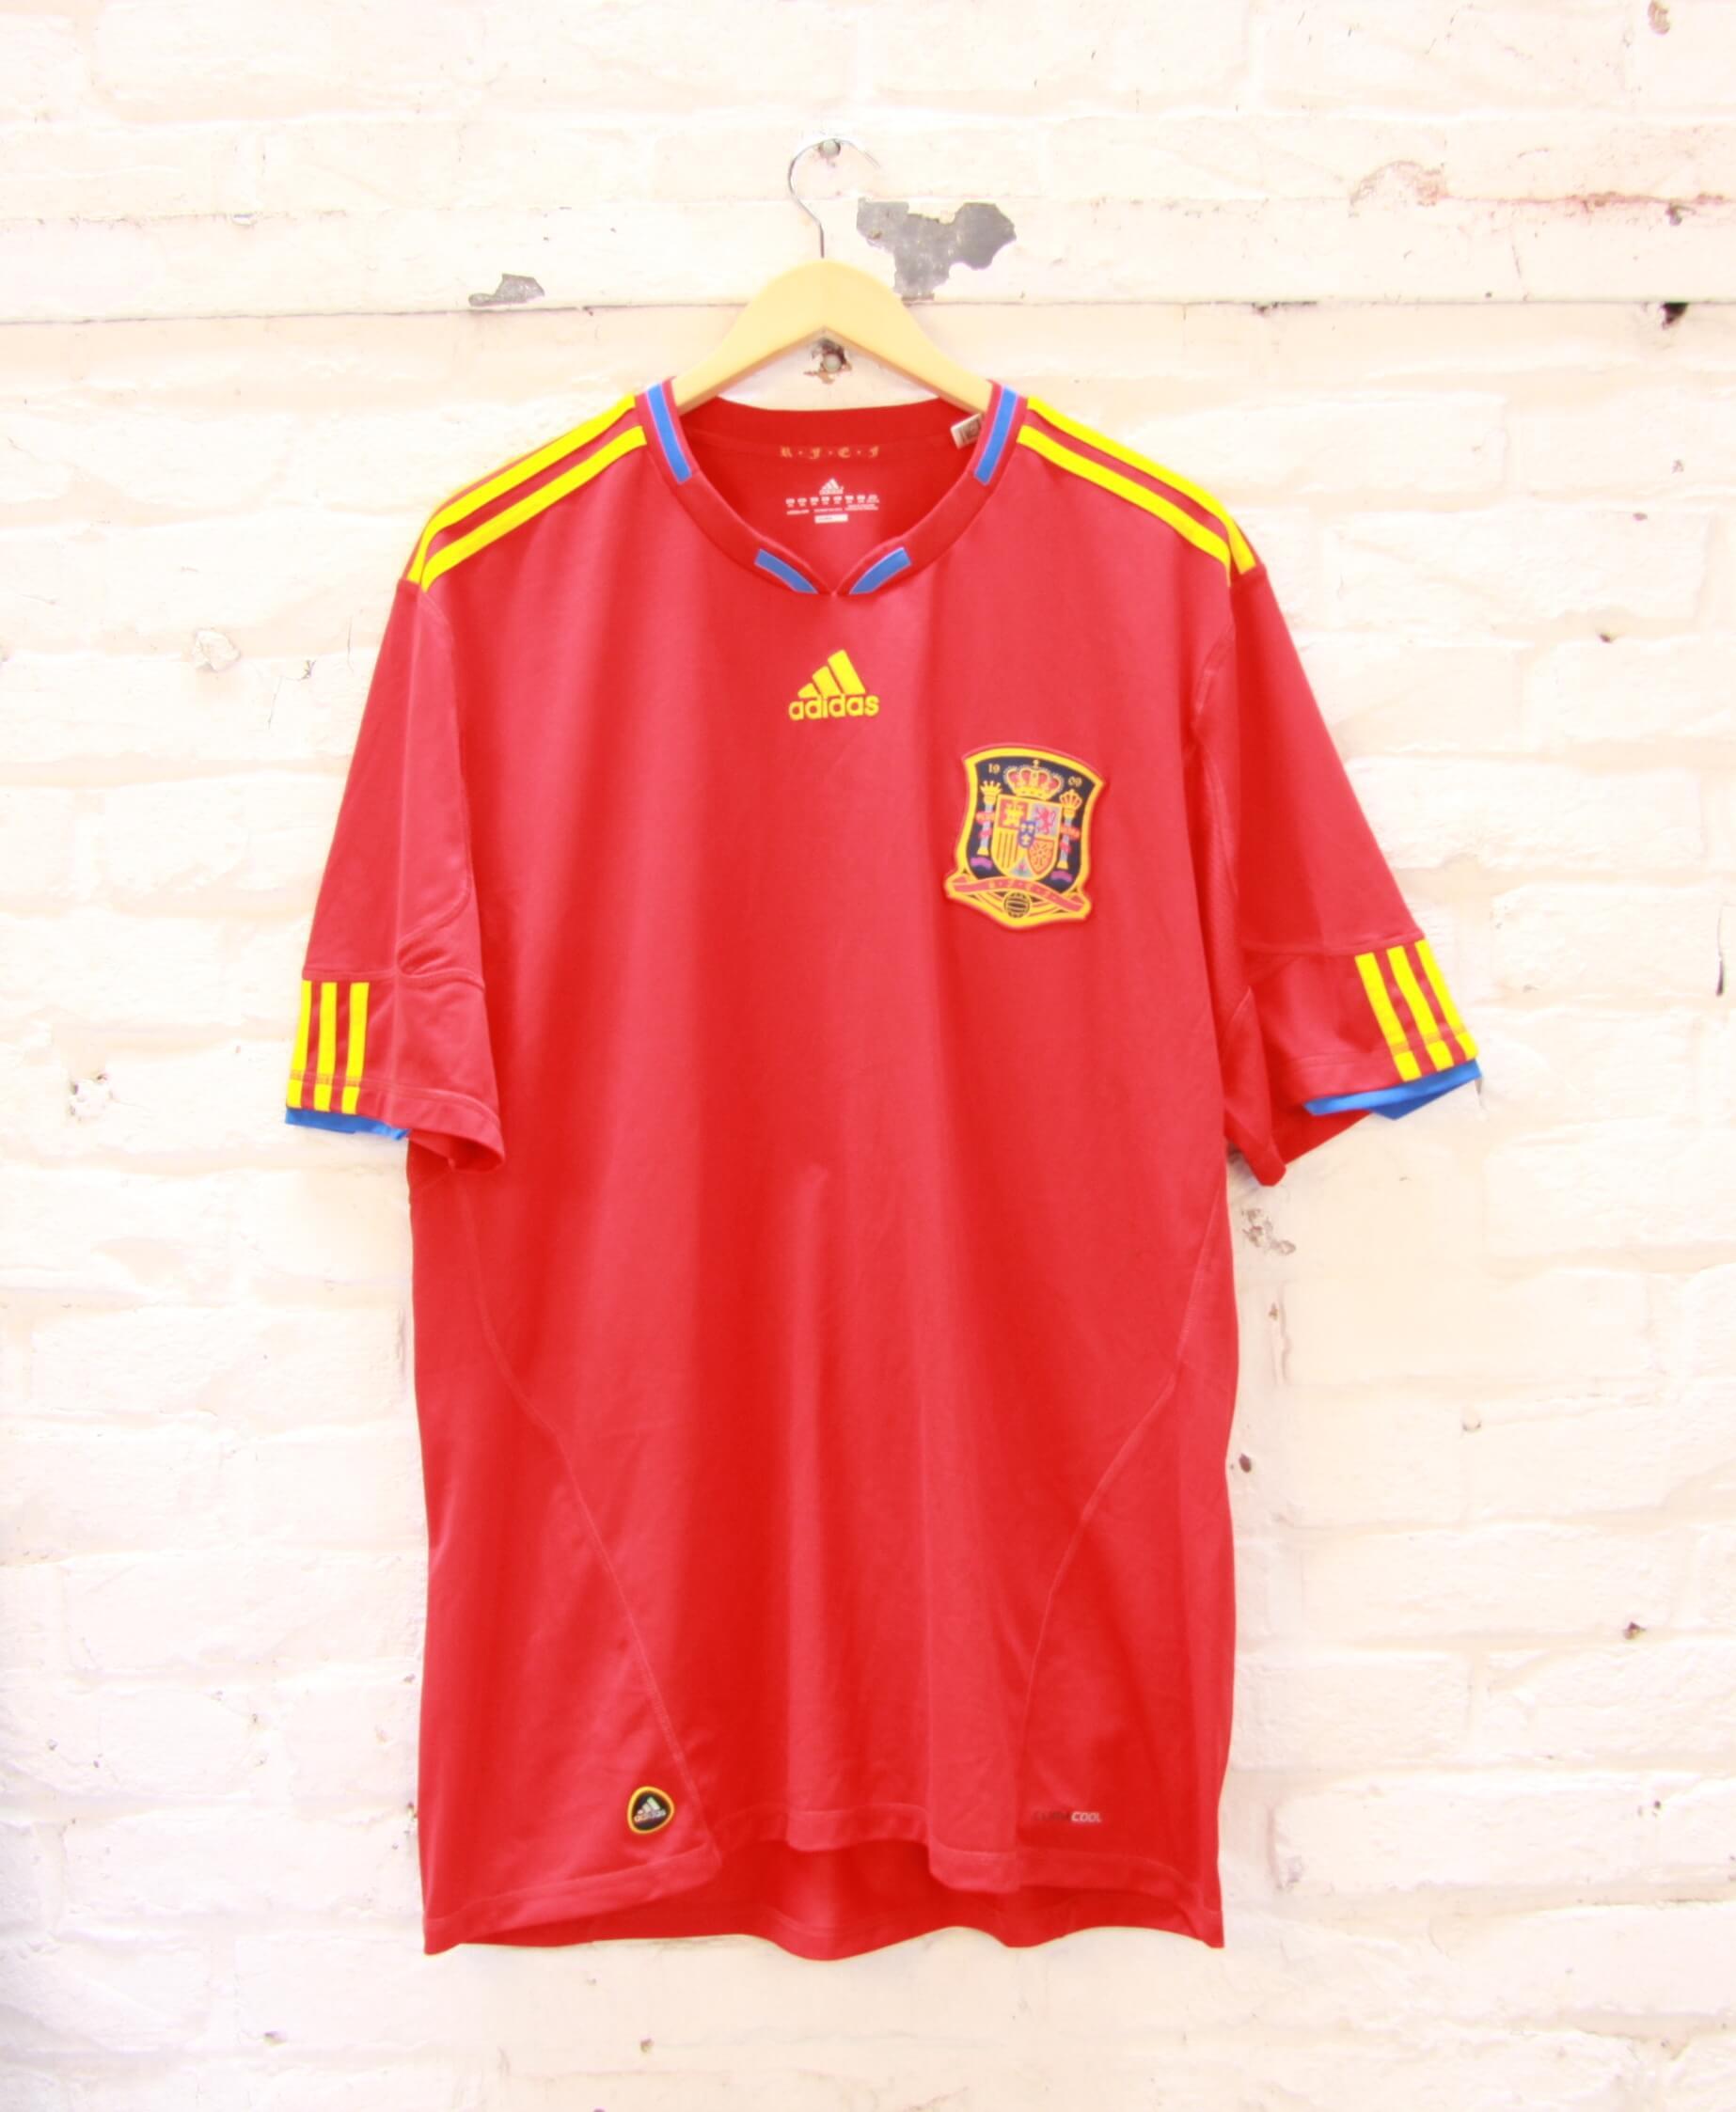 T shirt Adidas Vintage Football Tilt Vintage